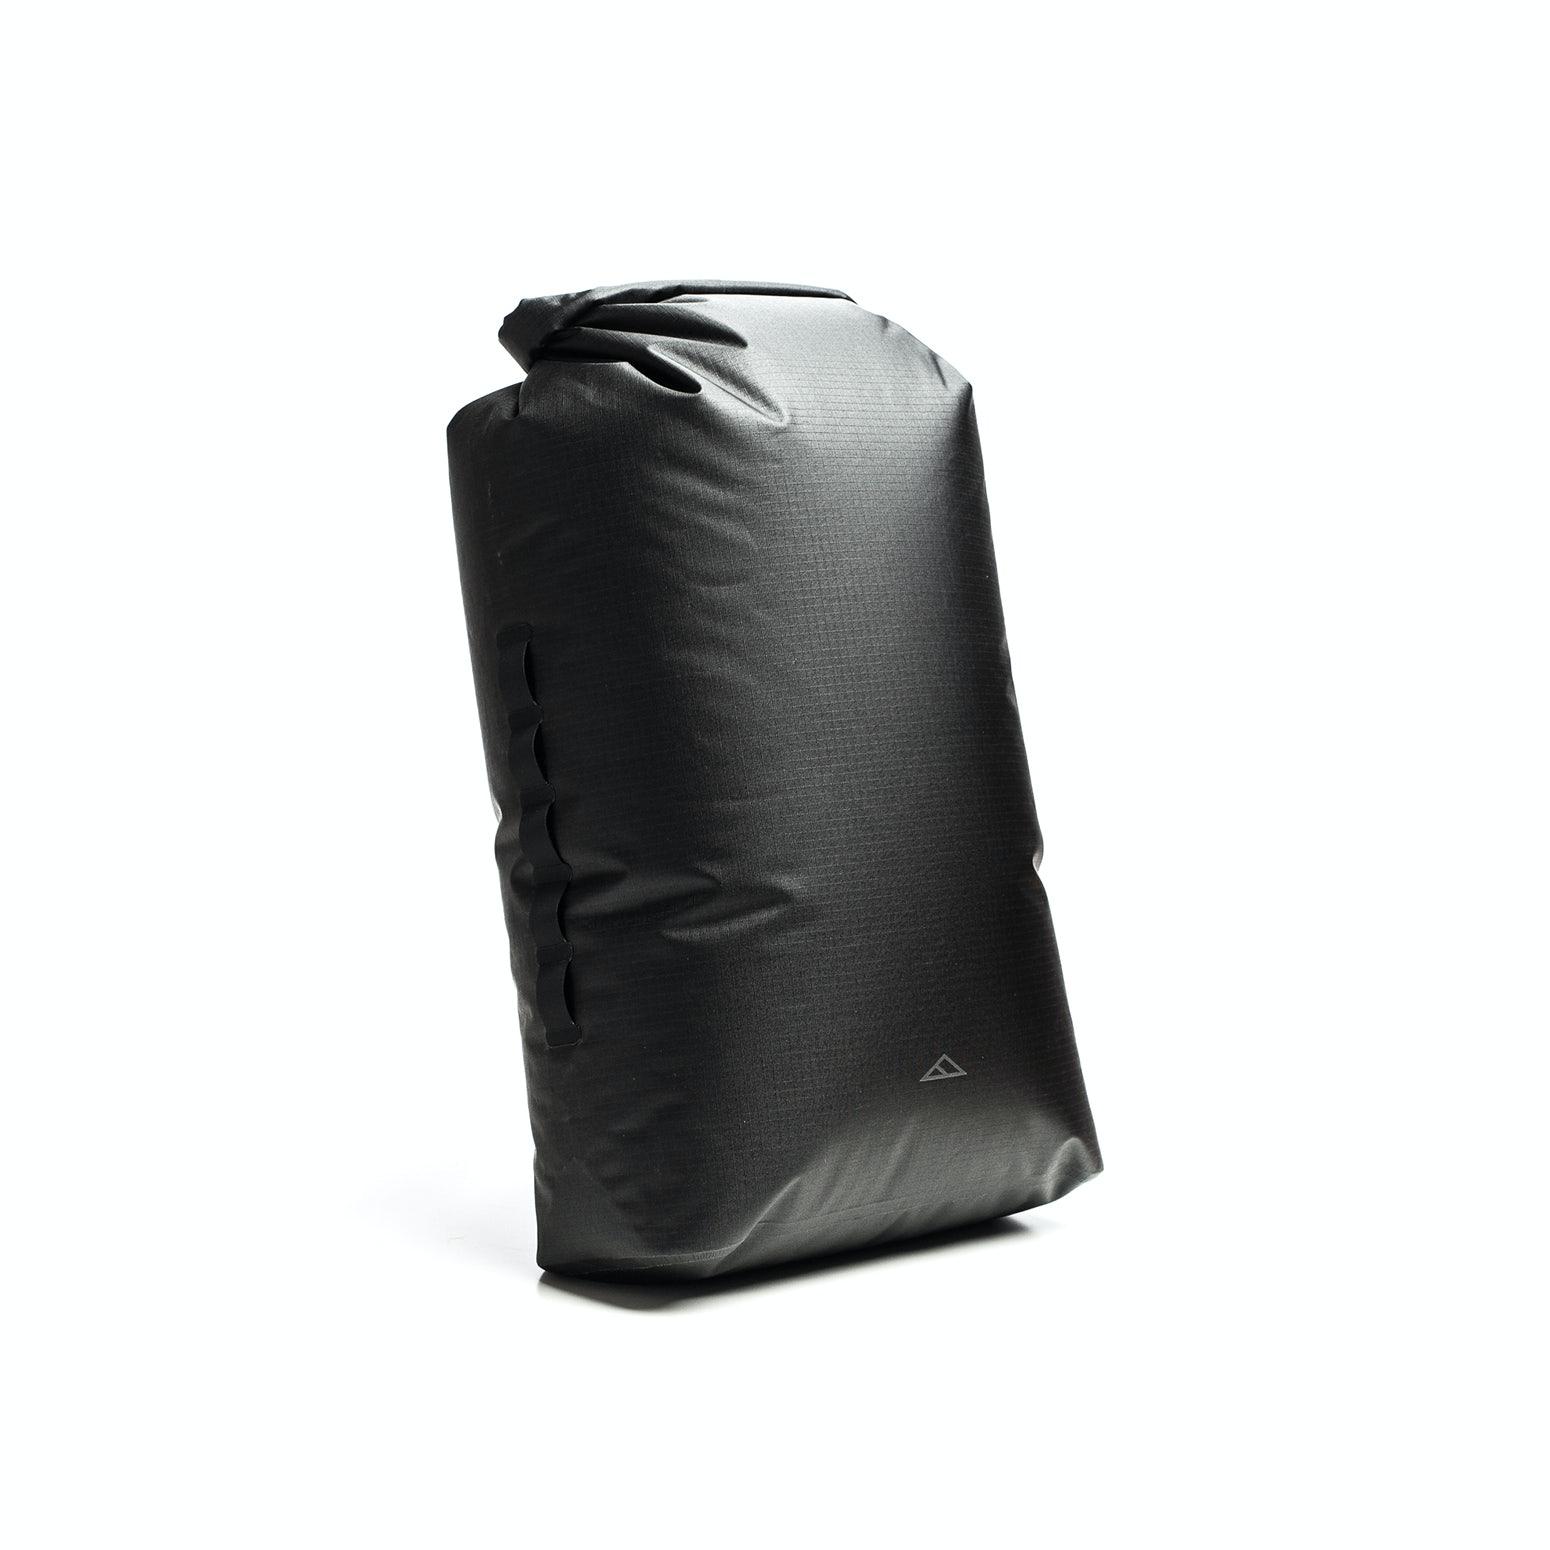 Tillak - Siletz - 25L Wet/Dry Bag Insert